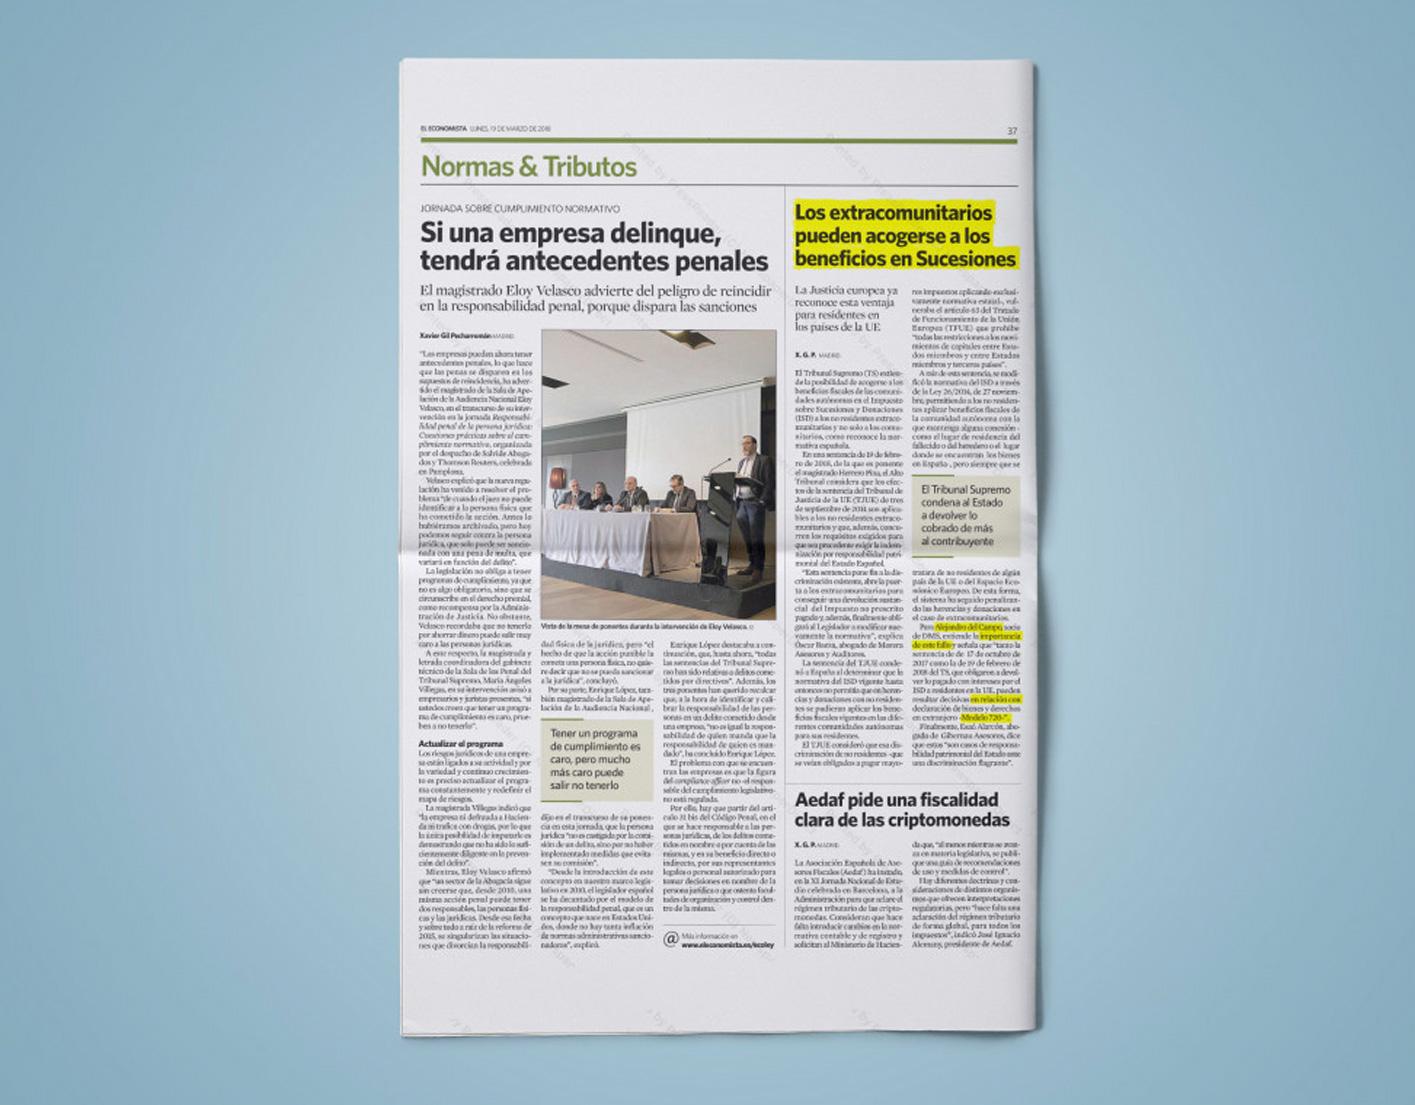 Alejandro del Campo opina en El Economista sobre la sentencia que reconoce los beneficios en Sucesiones a extracomunitarios